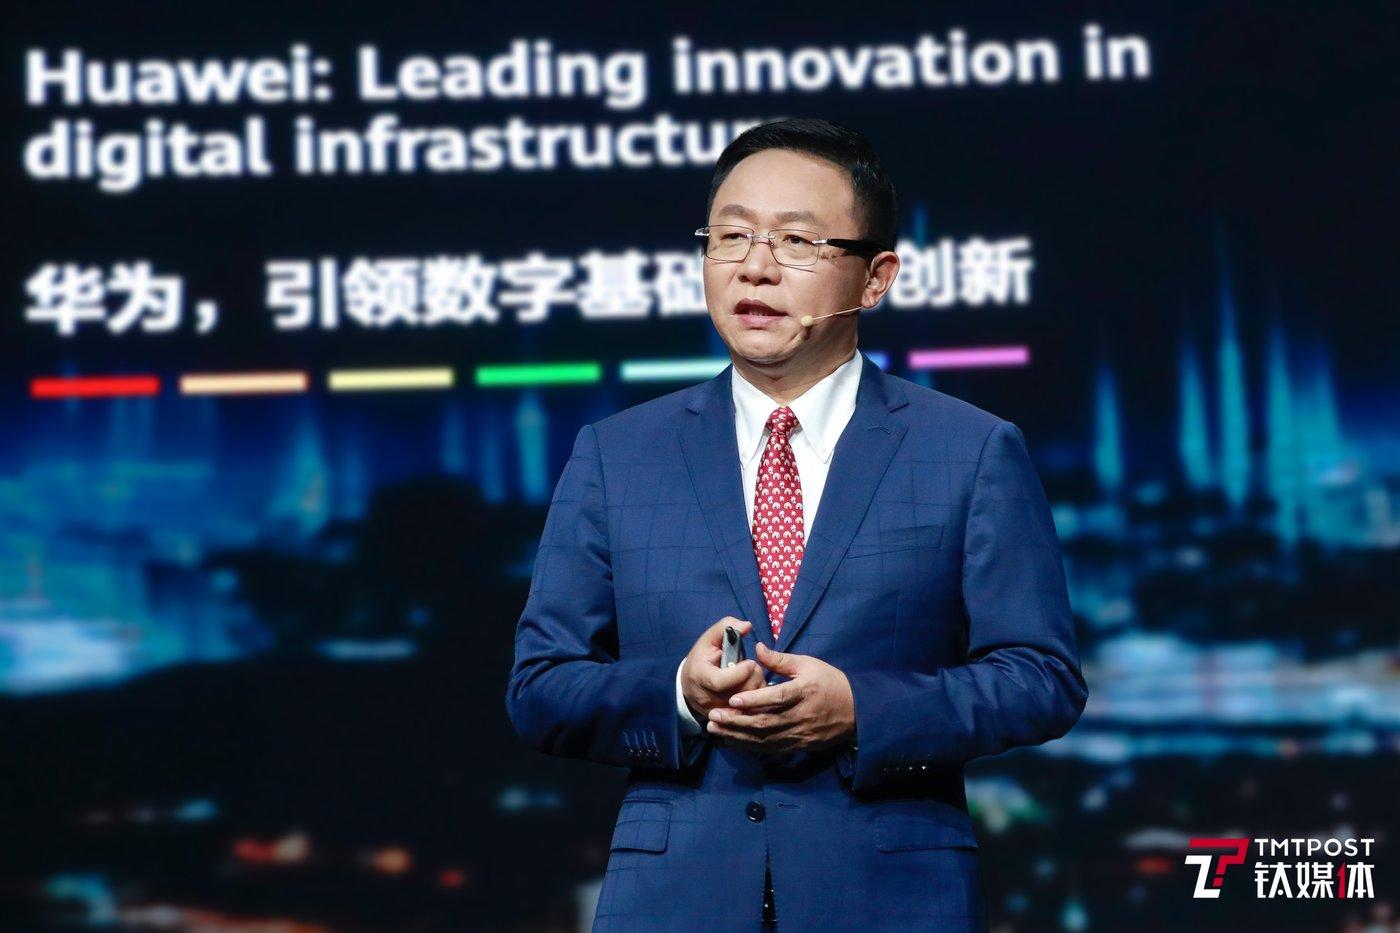 华为常务董事、ICT产品与解决方案总裁汪涛